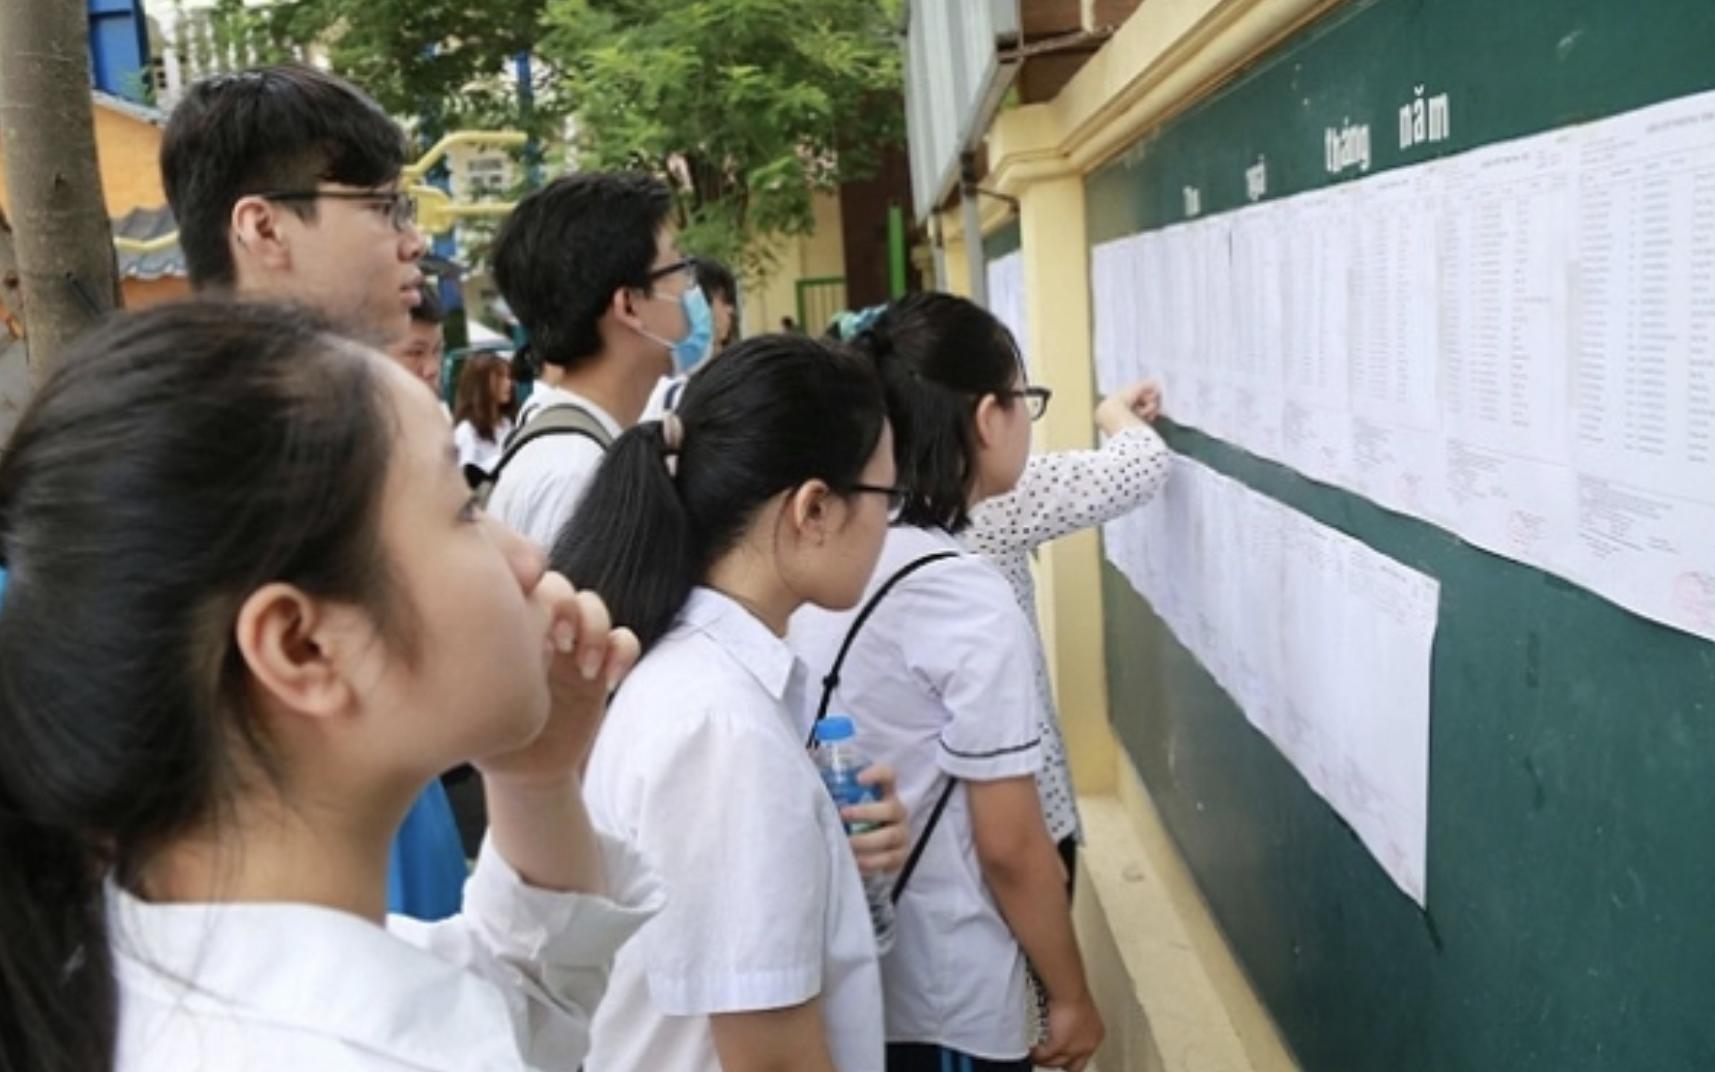 Mới: Danh sách 26 tỉnh thành đã công bố điểm thi vào lớp 10 năm 2021 và cách tra cứu nhanh